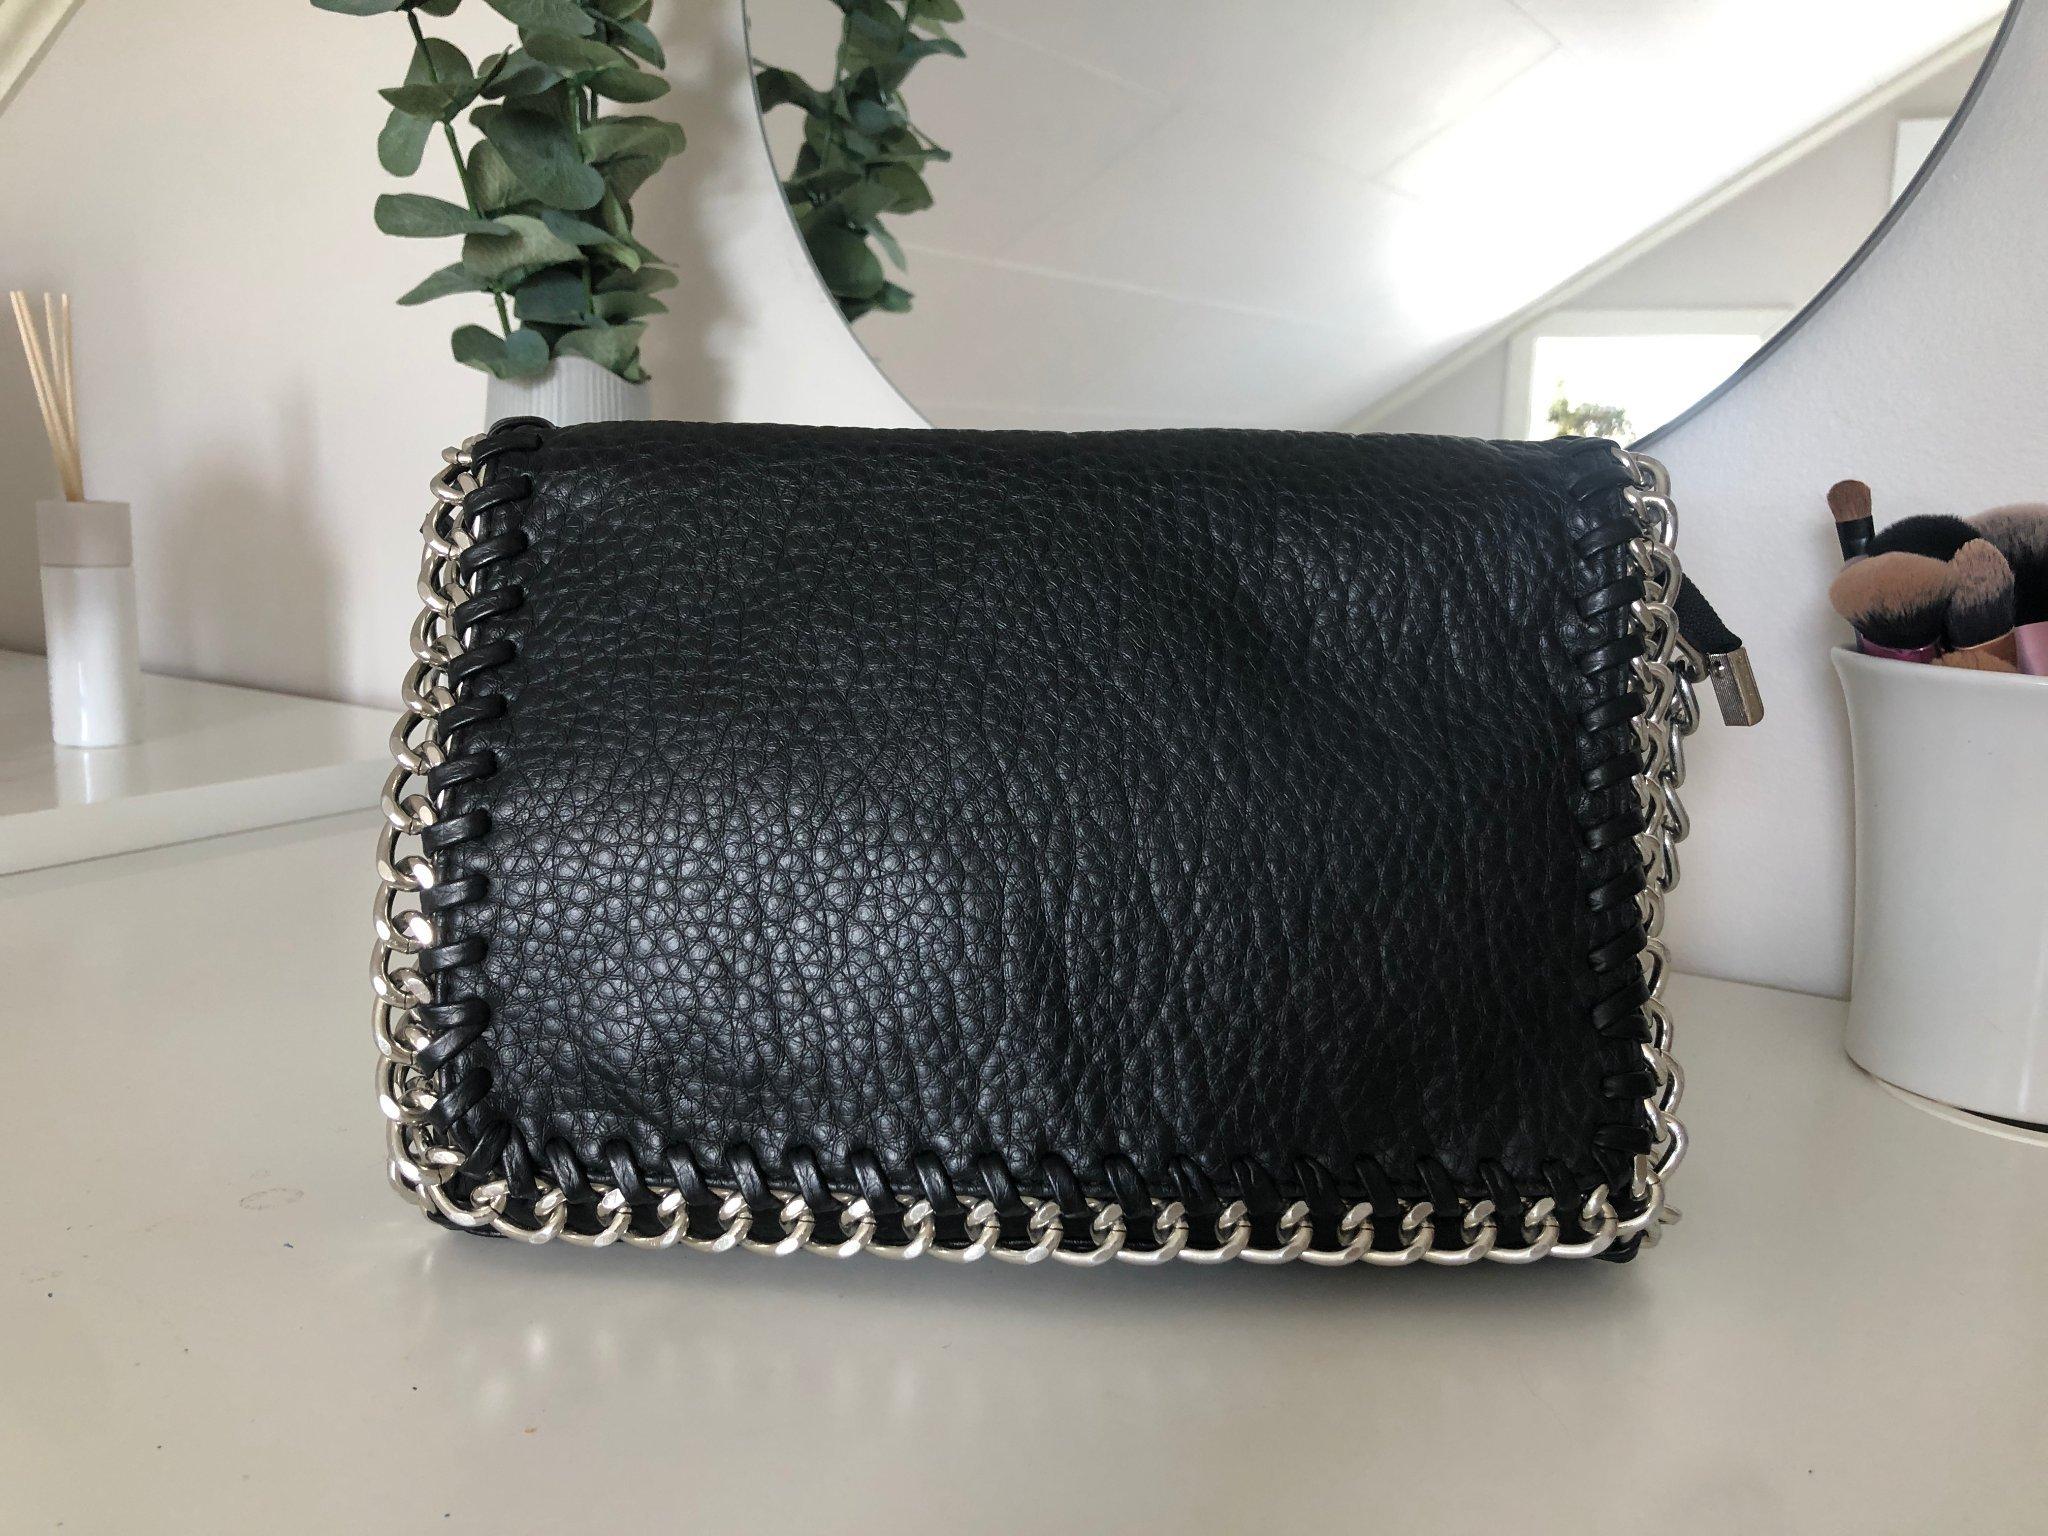 svart väska med silverkedja